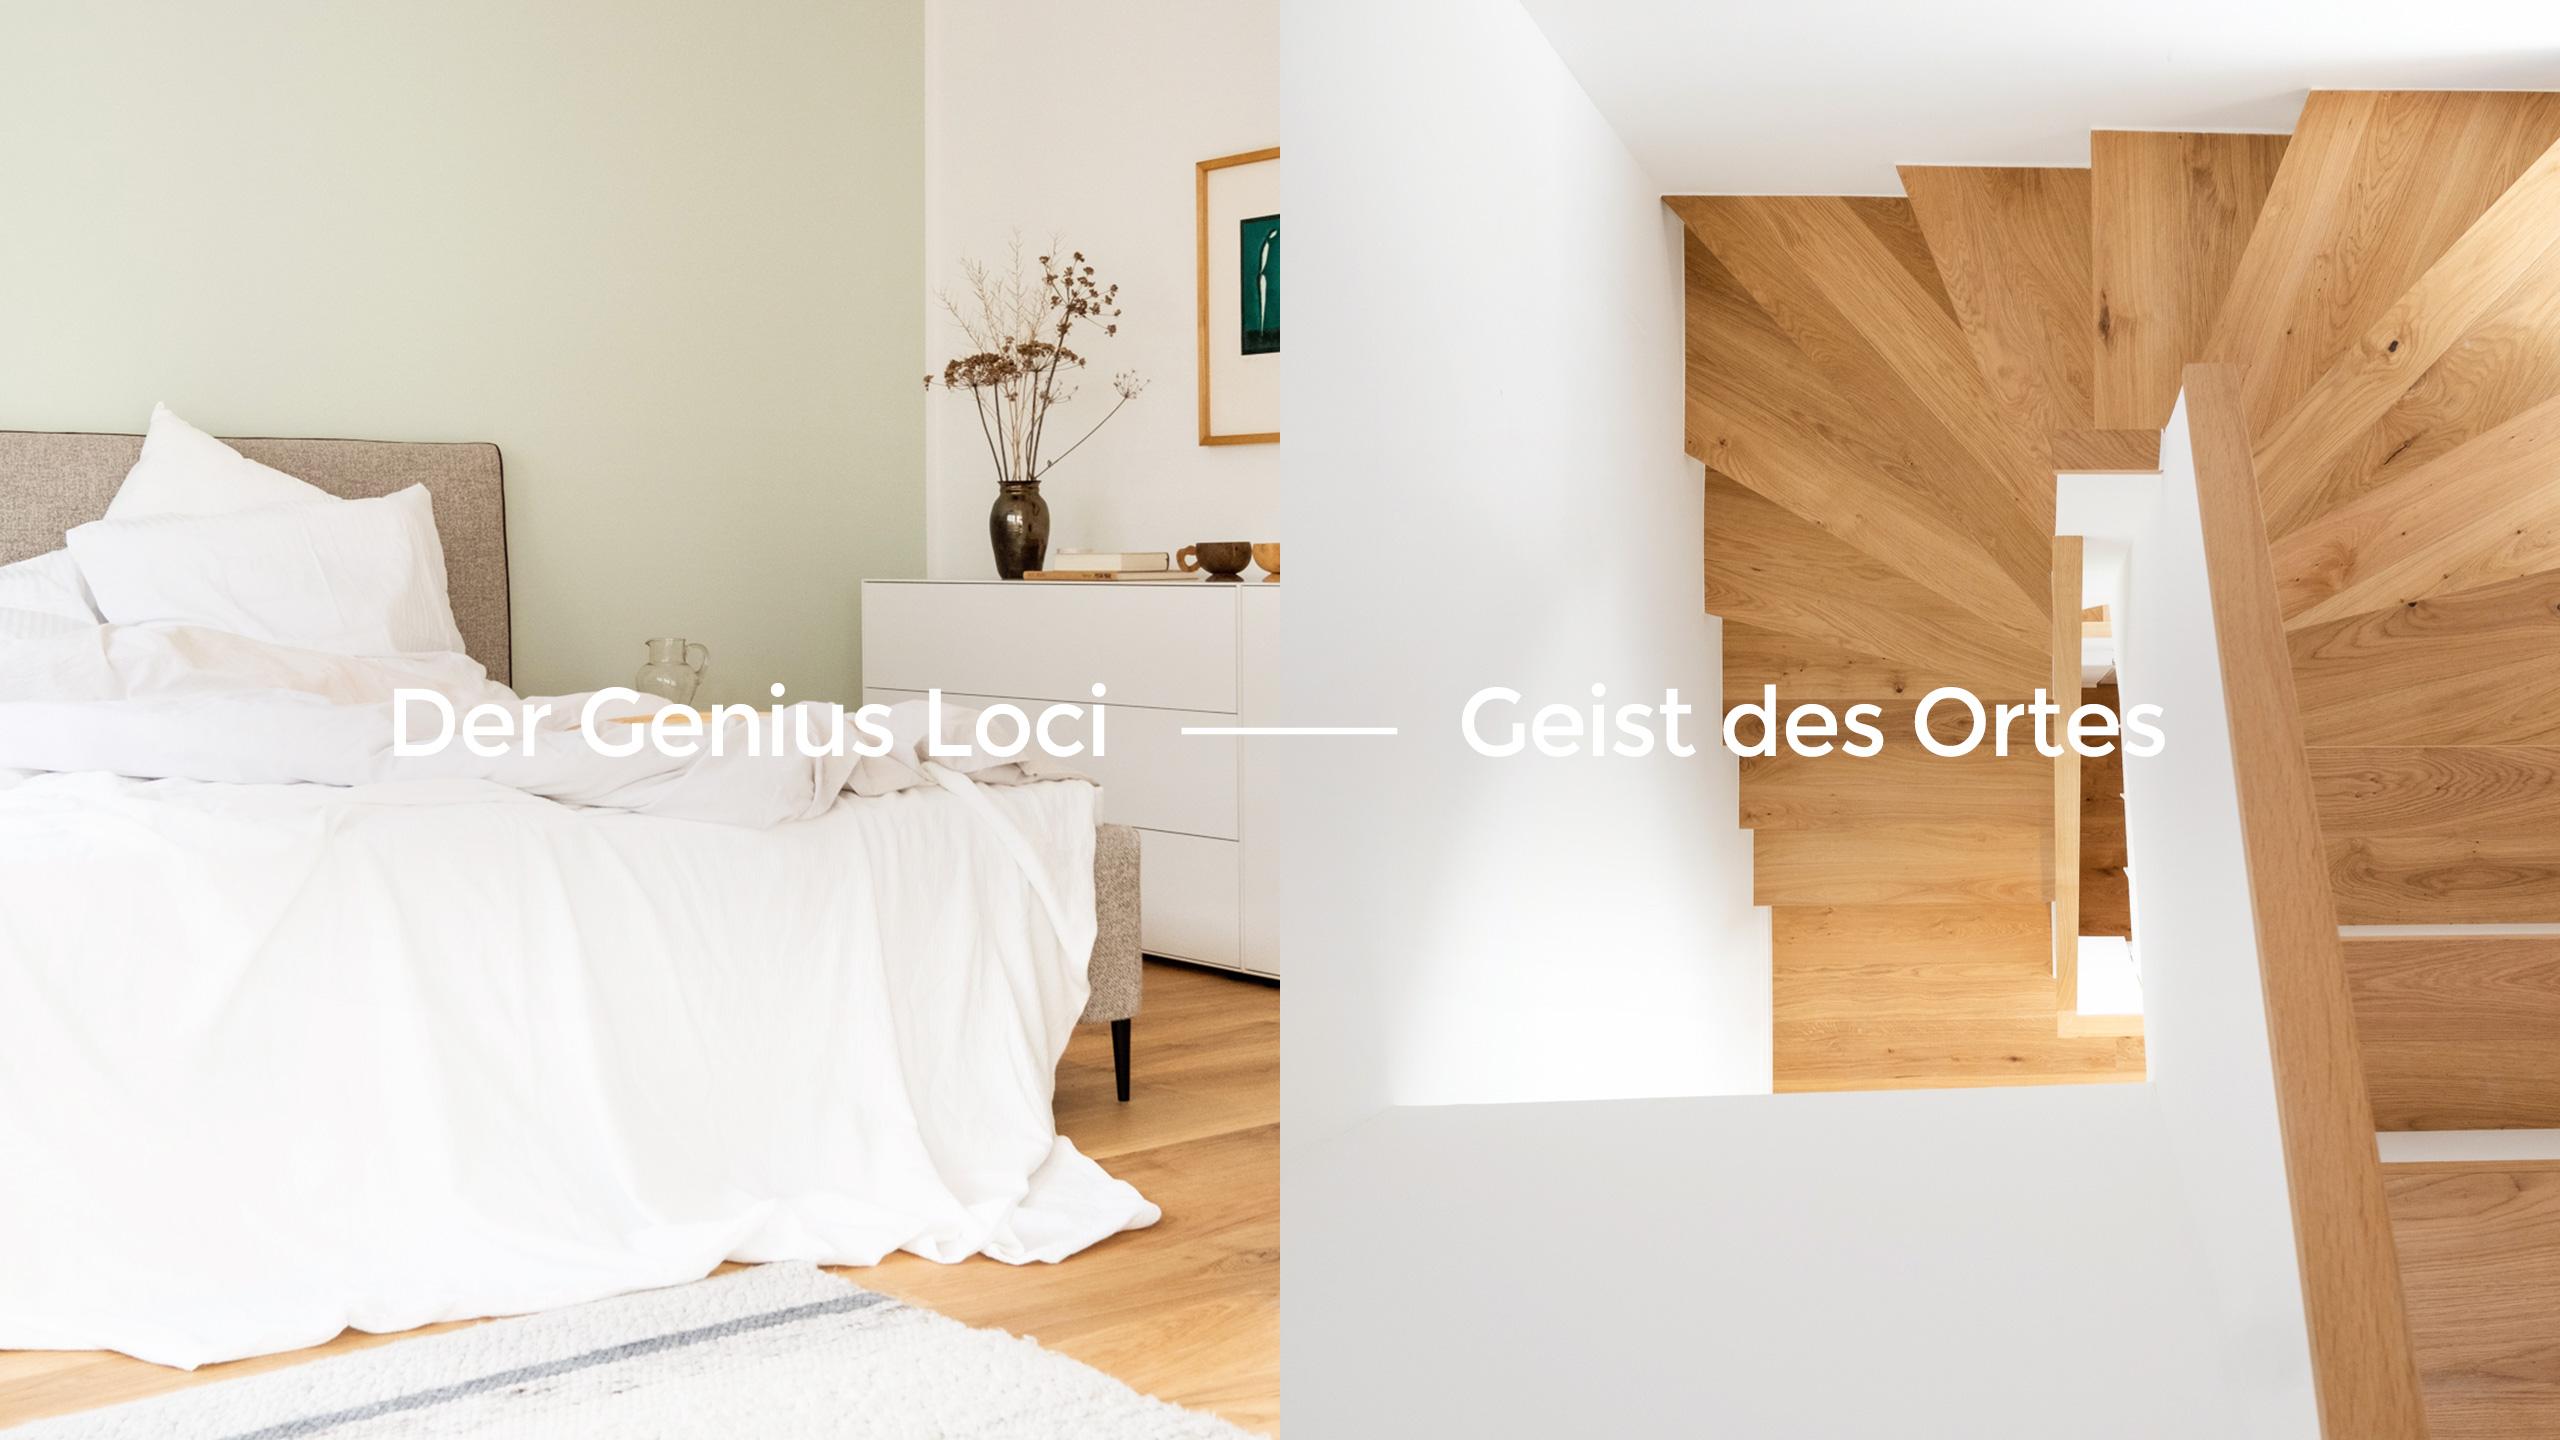 030-heckundschmiegel-architektur_high